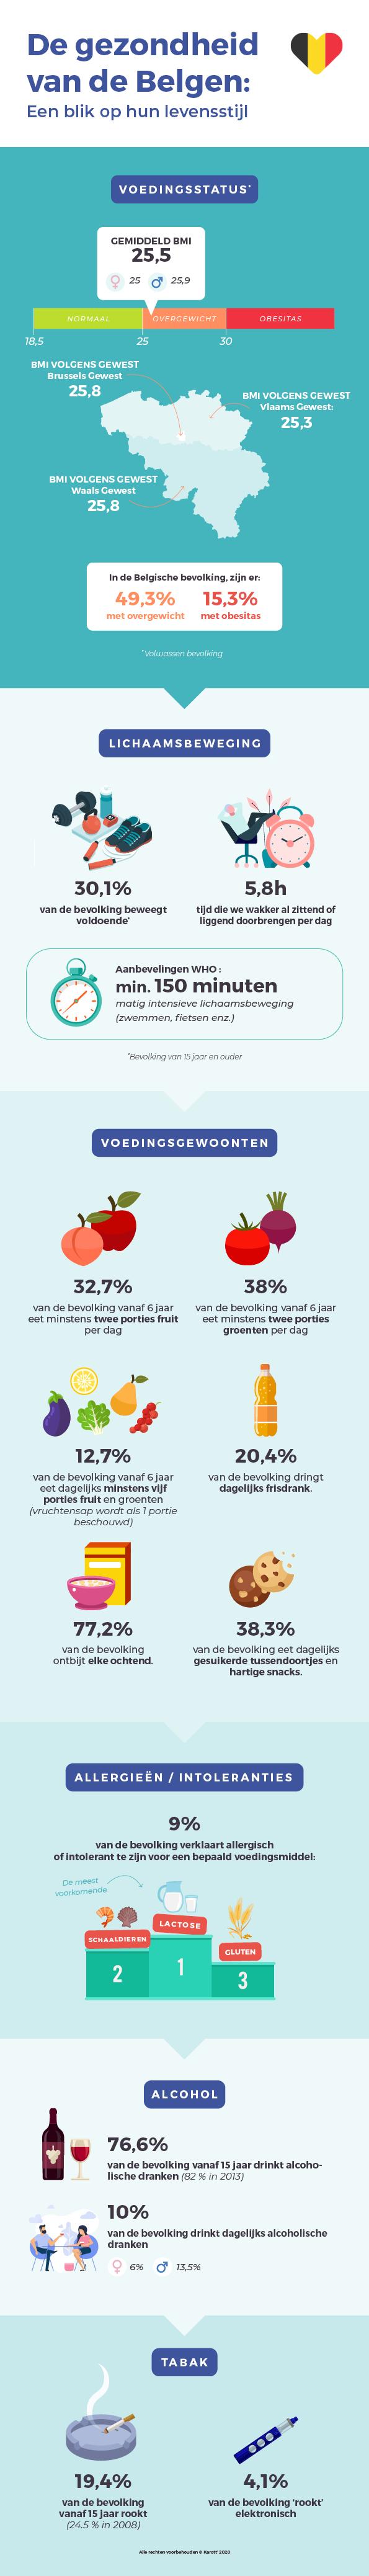 gezondheid belgen levensstijl karott